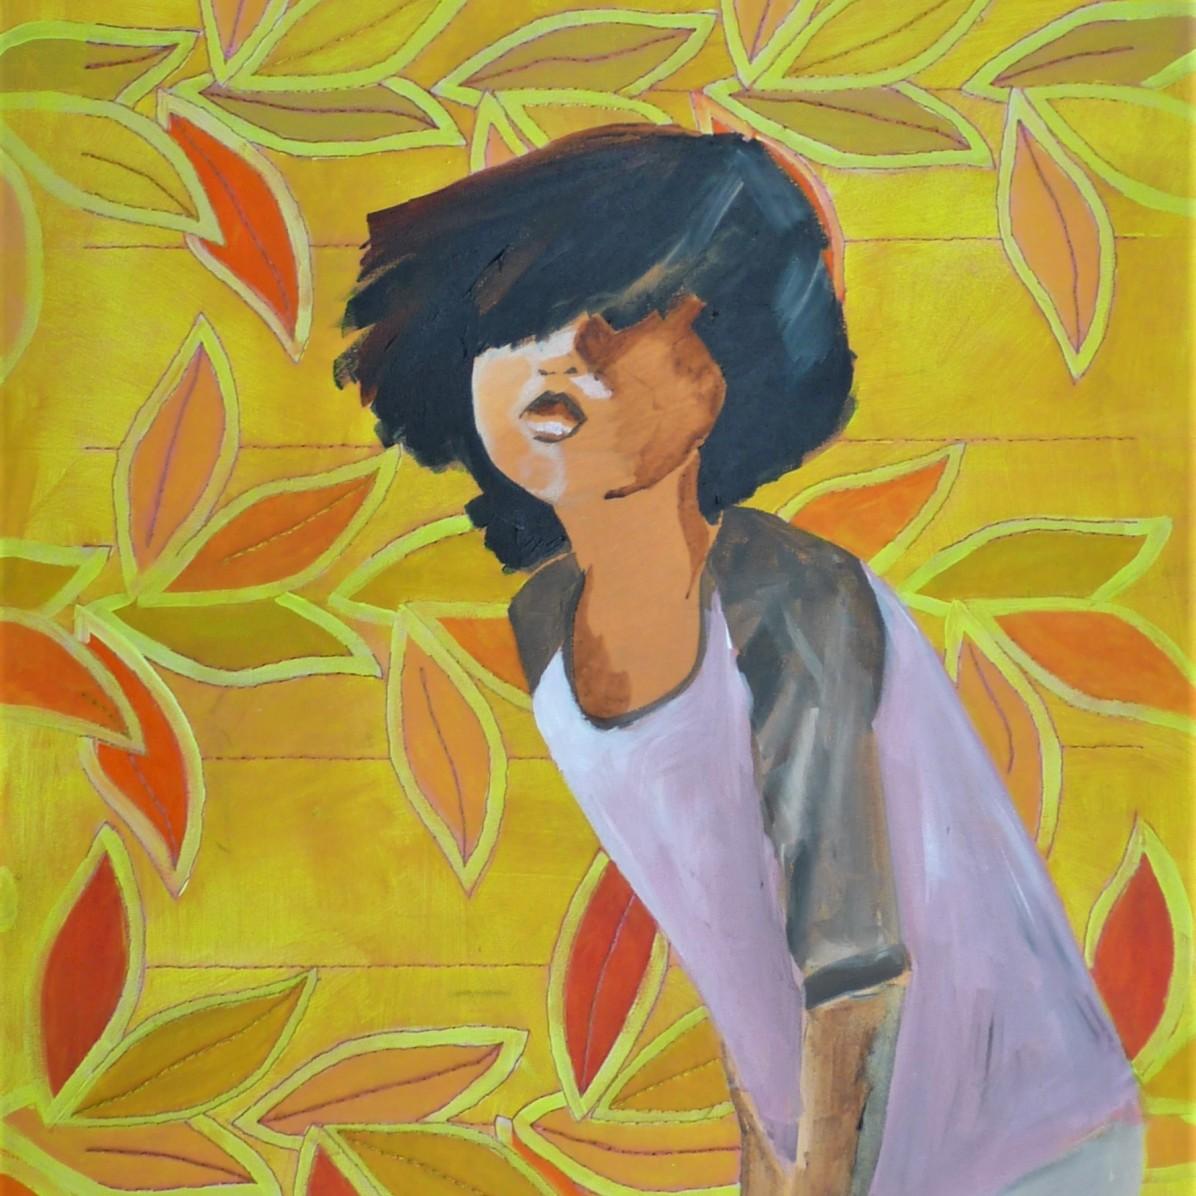 #1 - € 700 - 60 x 80 cm - Acrylverf en borduurgaren op canvas